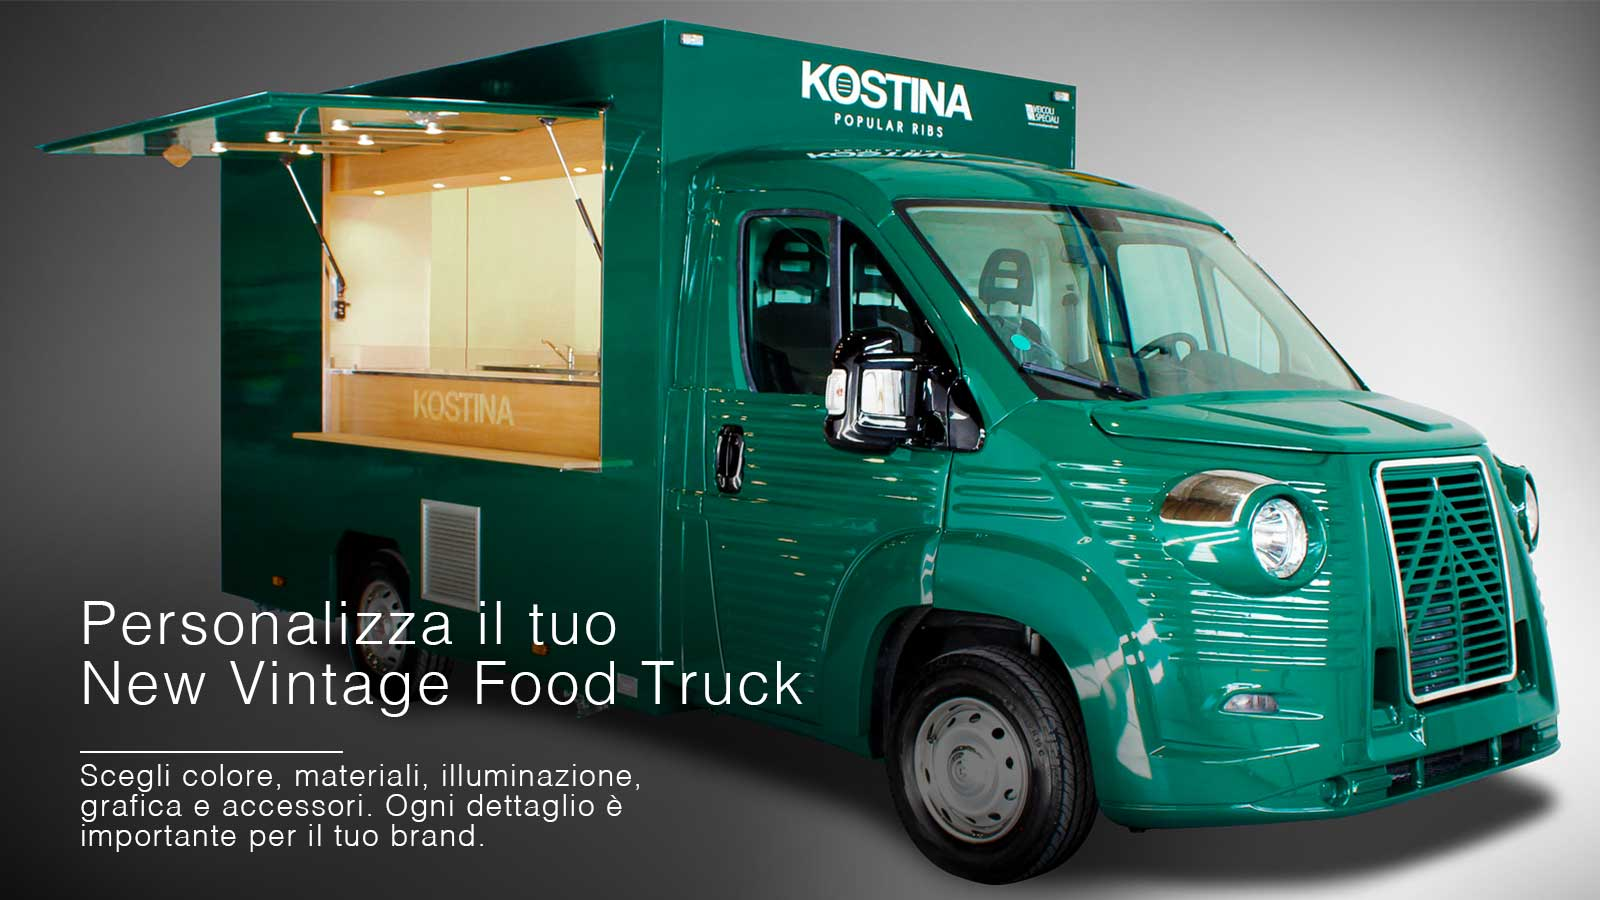 food truck citroen non veicolo d'epoca restaurato ma vintage nuovo personalizzabile, nell'immagine colore verde per azienda Kostina